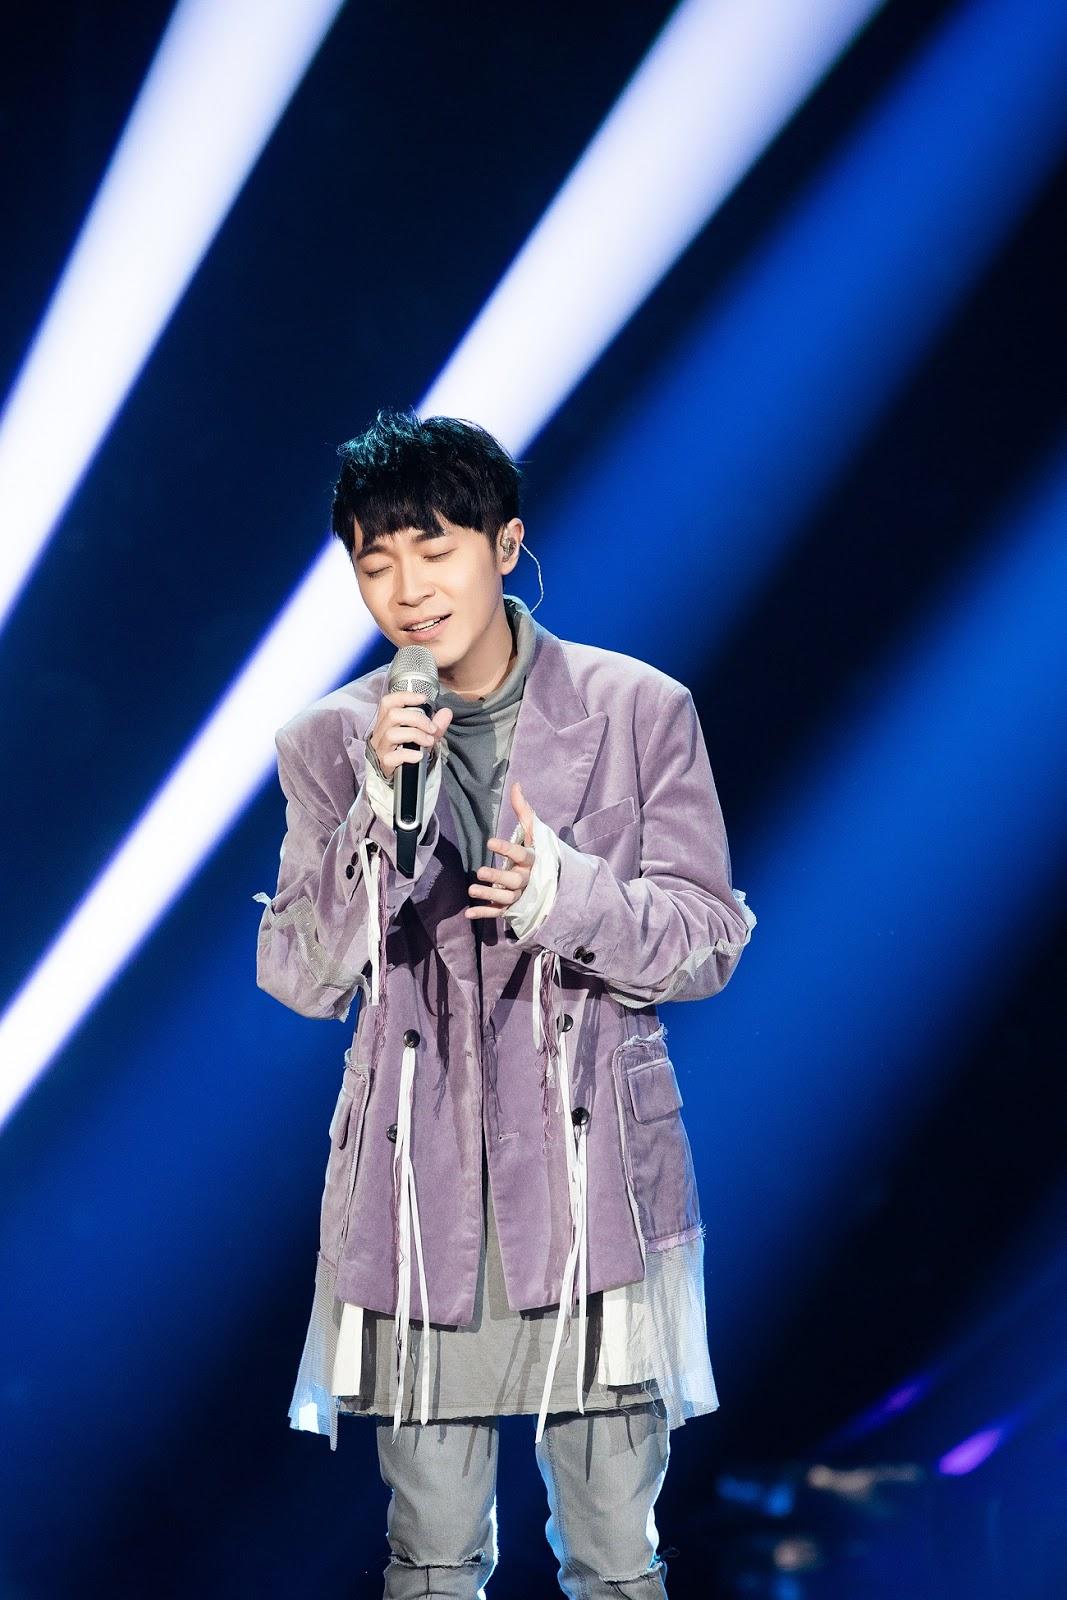 吳青峰單飛完成 「歌手2019」總決賽 天后Jolin,蘇打綠家凱助陣真情流露 - WoWoNews